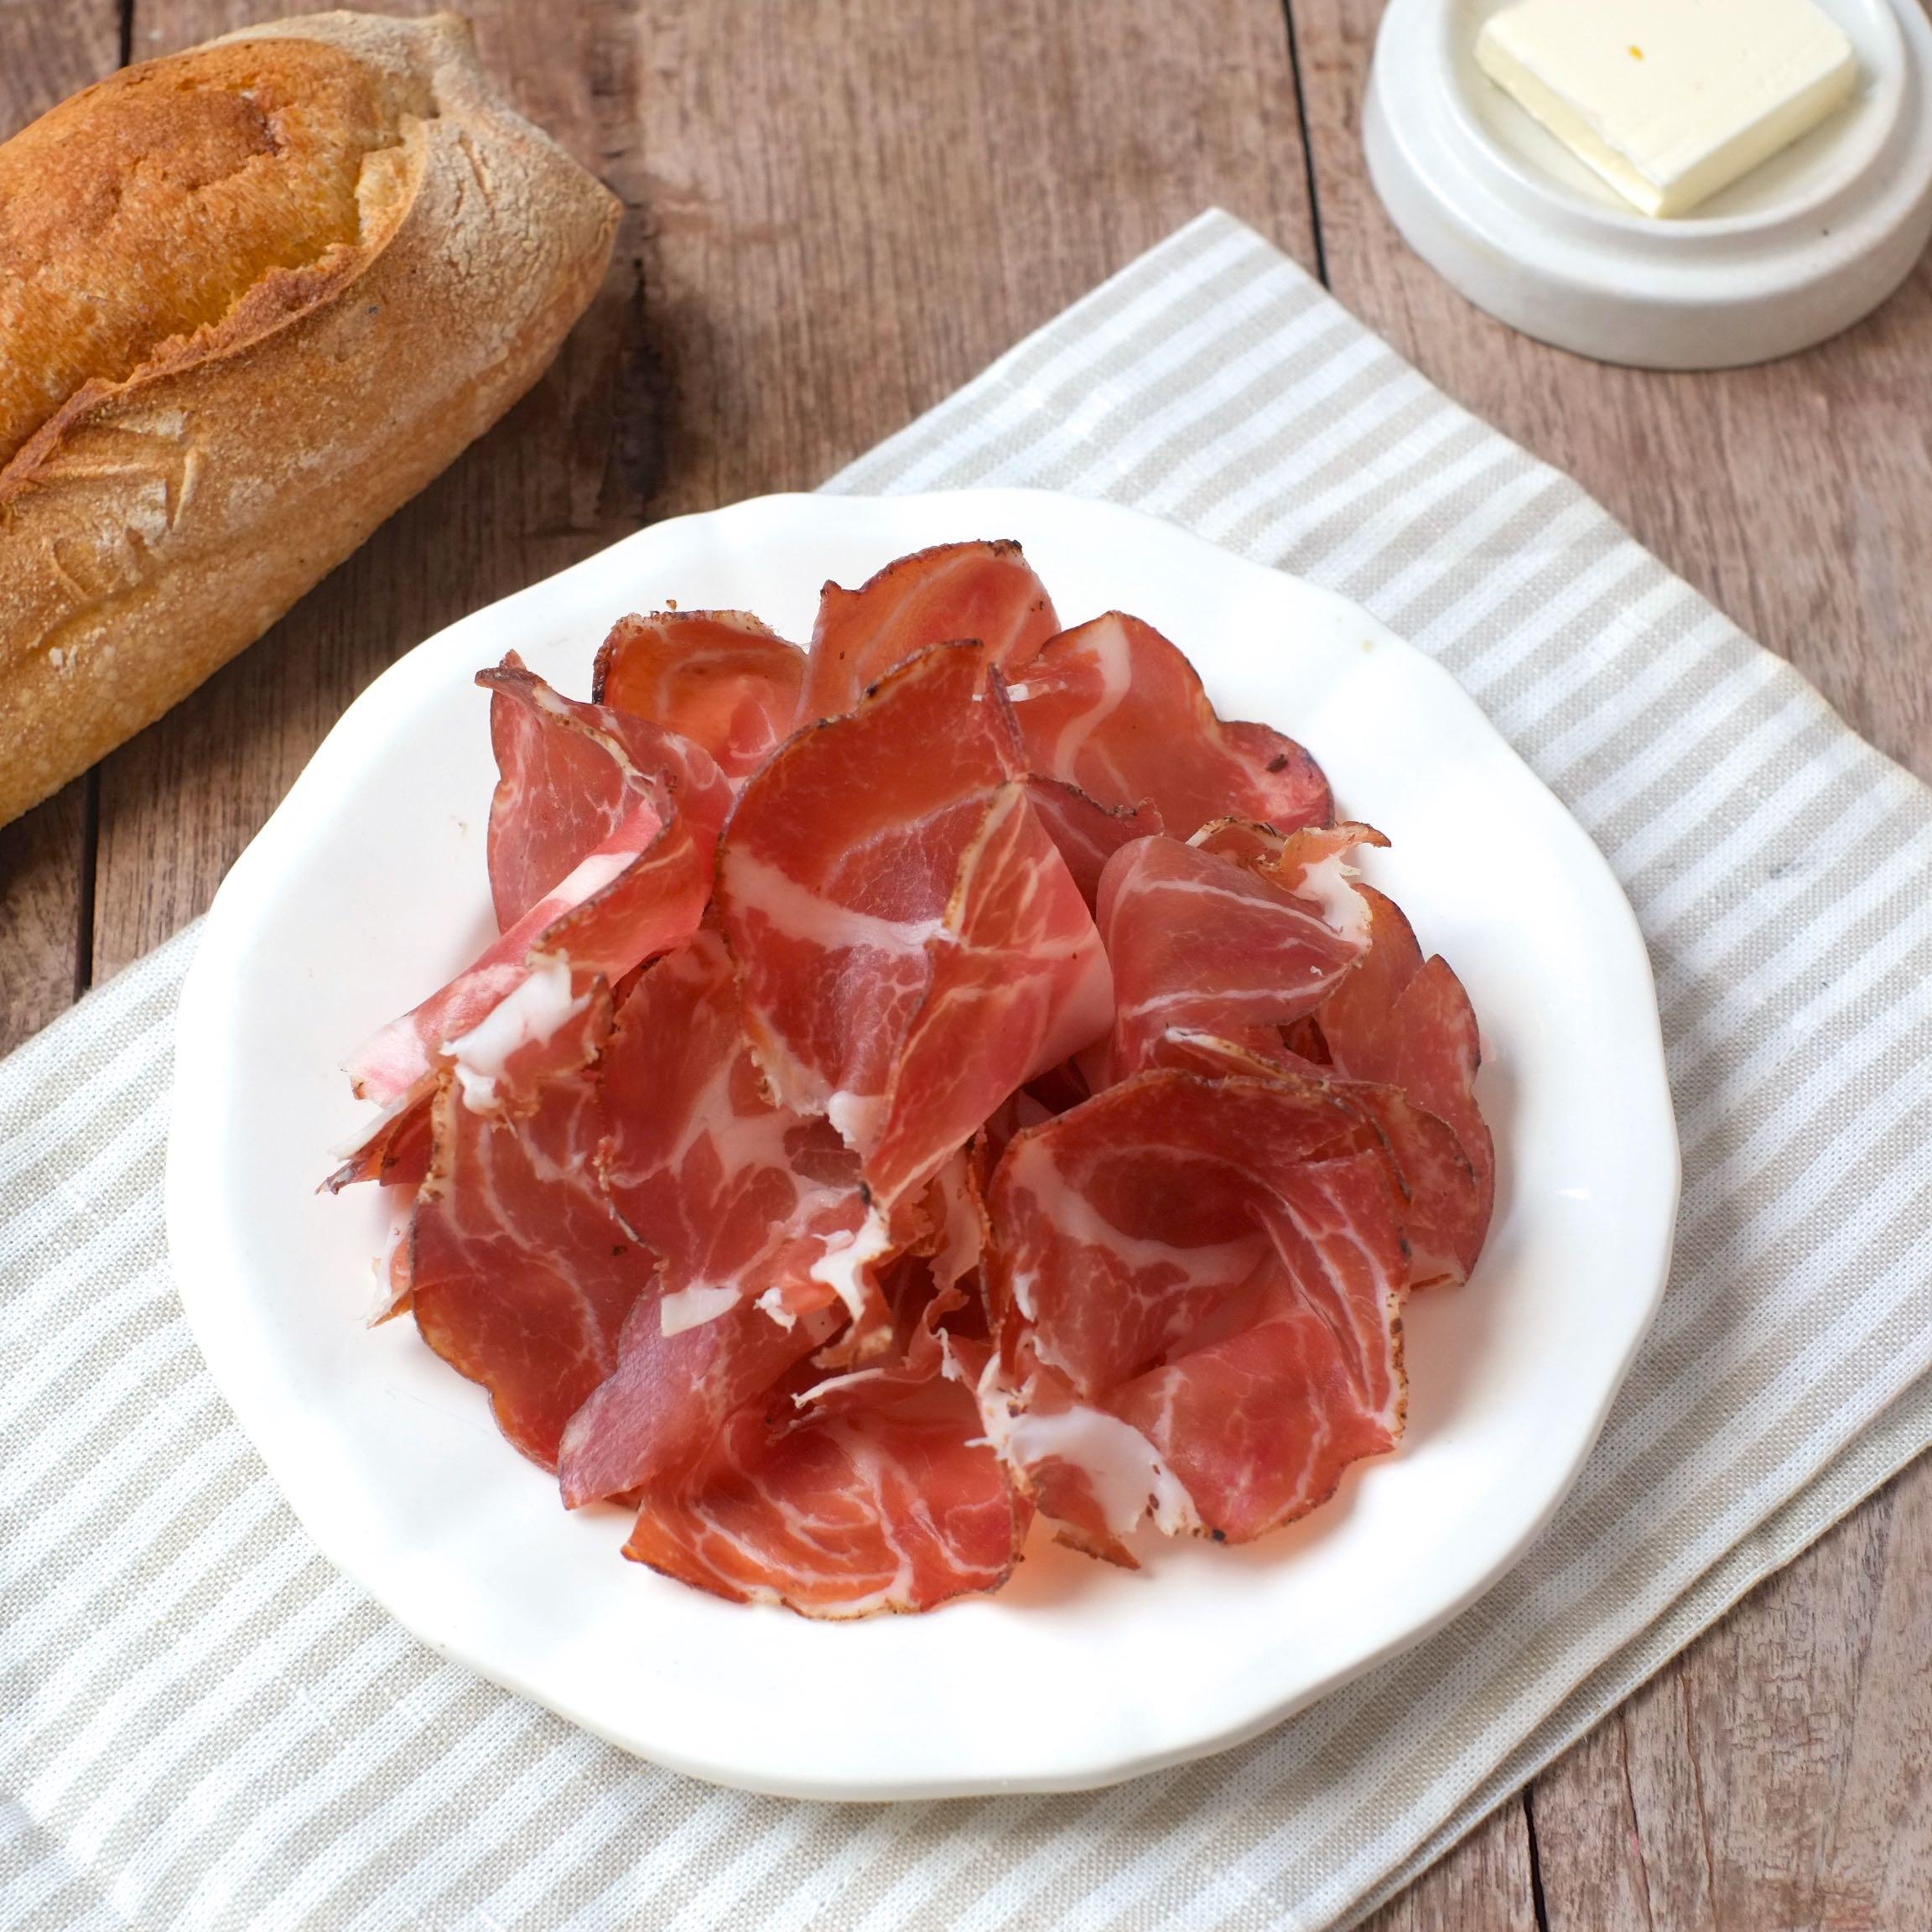 Coppa en chiffonade (70 g)